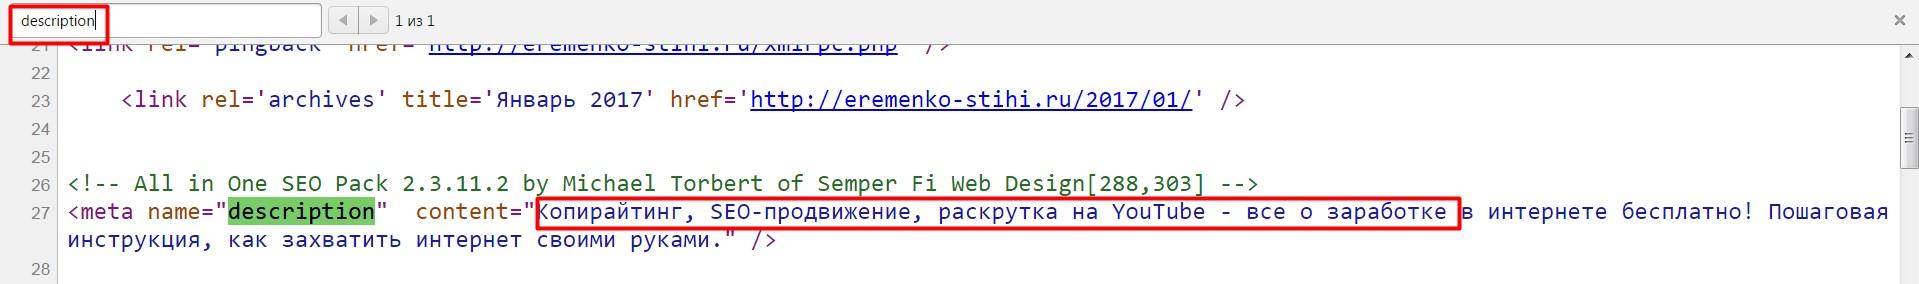 139 Ну а по слову description код нам покажет наше описание, поисковику понравится что у нас есть такое описание